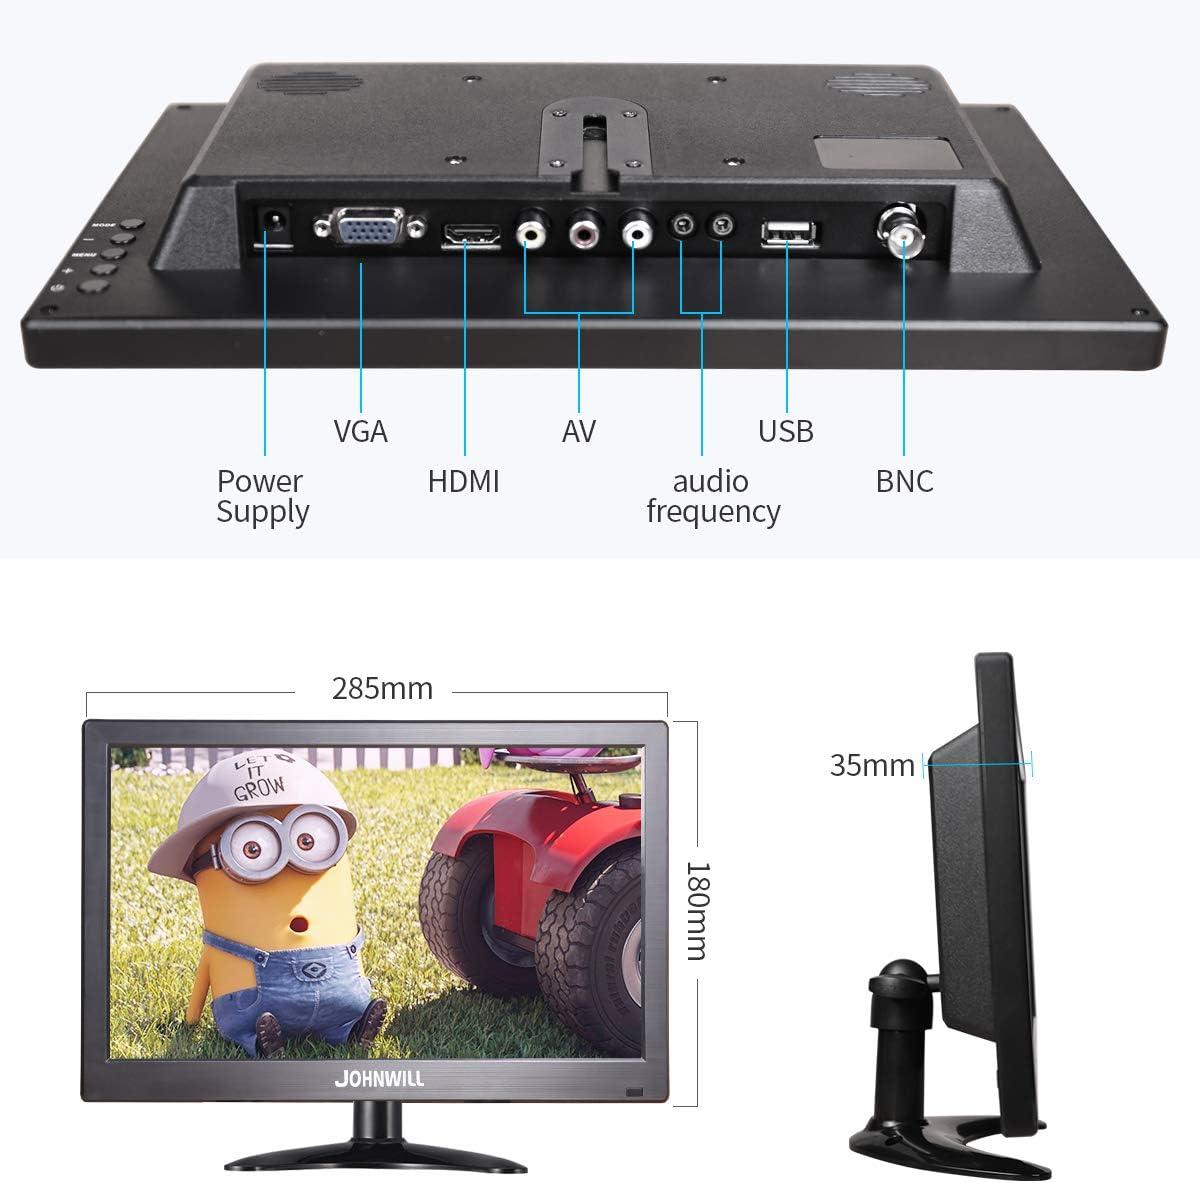 JOHNWILL Monitor portátil del Monitor de 12 Pulgadas con IPS 1366x768 IPS USB VGA HDMI AV BNC, plástico Negro: Amazon.es: Electrónica